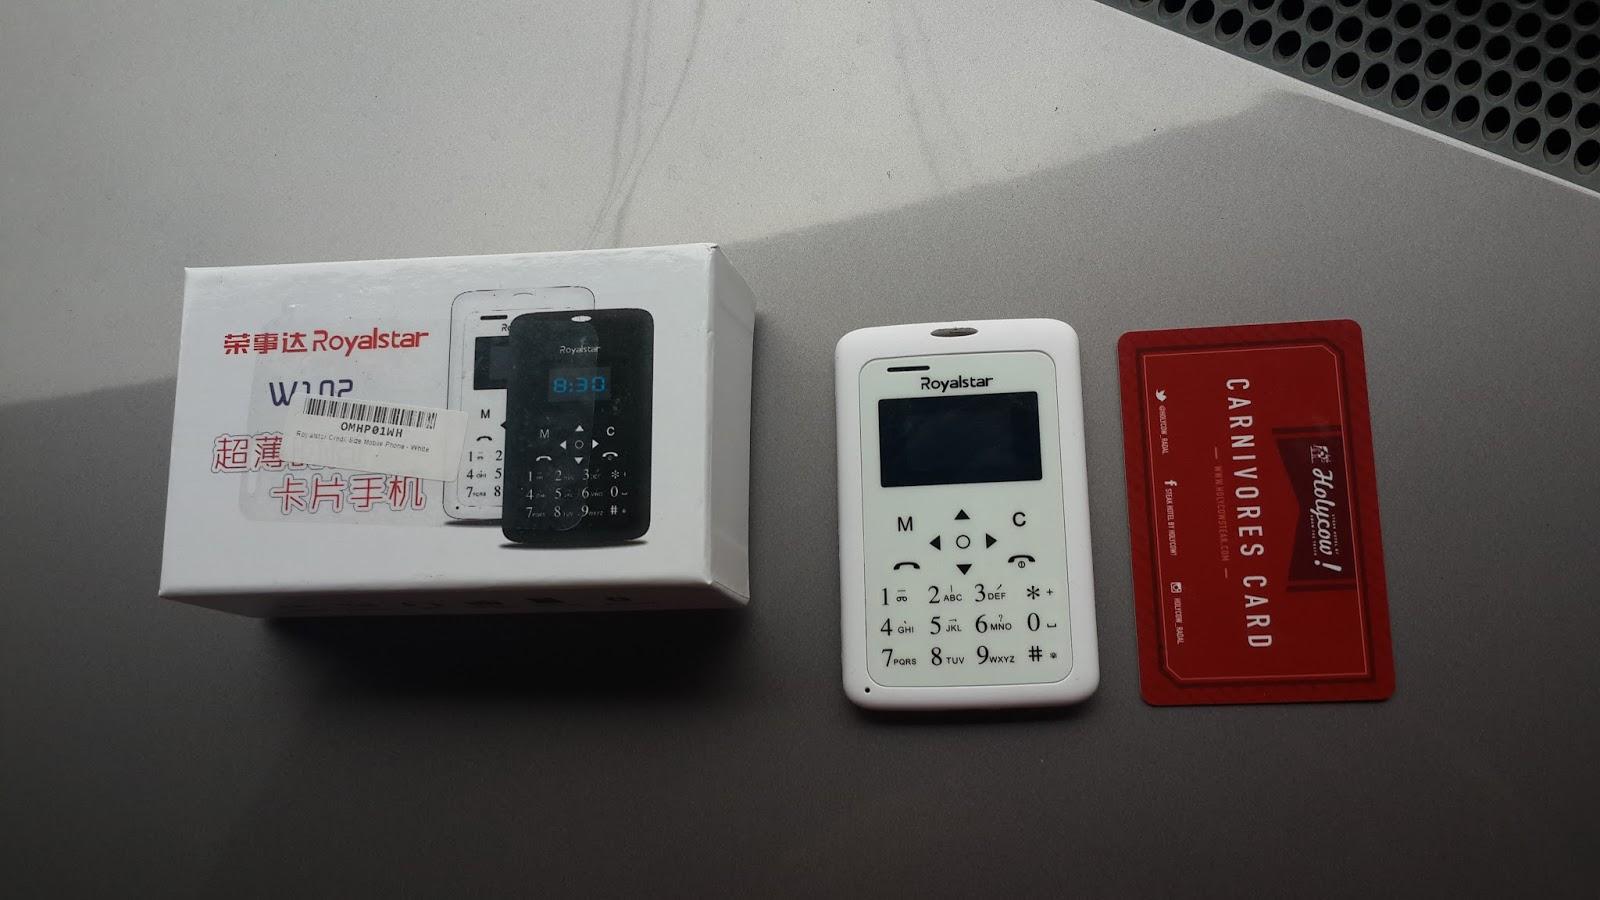 Baranghobi Hand Phone Seukuran Kartu Kredit